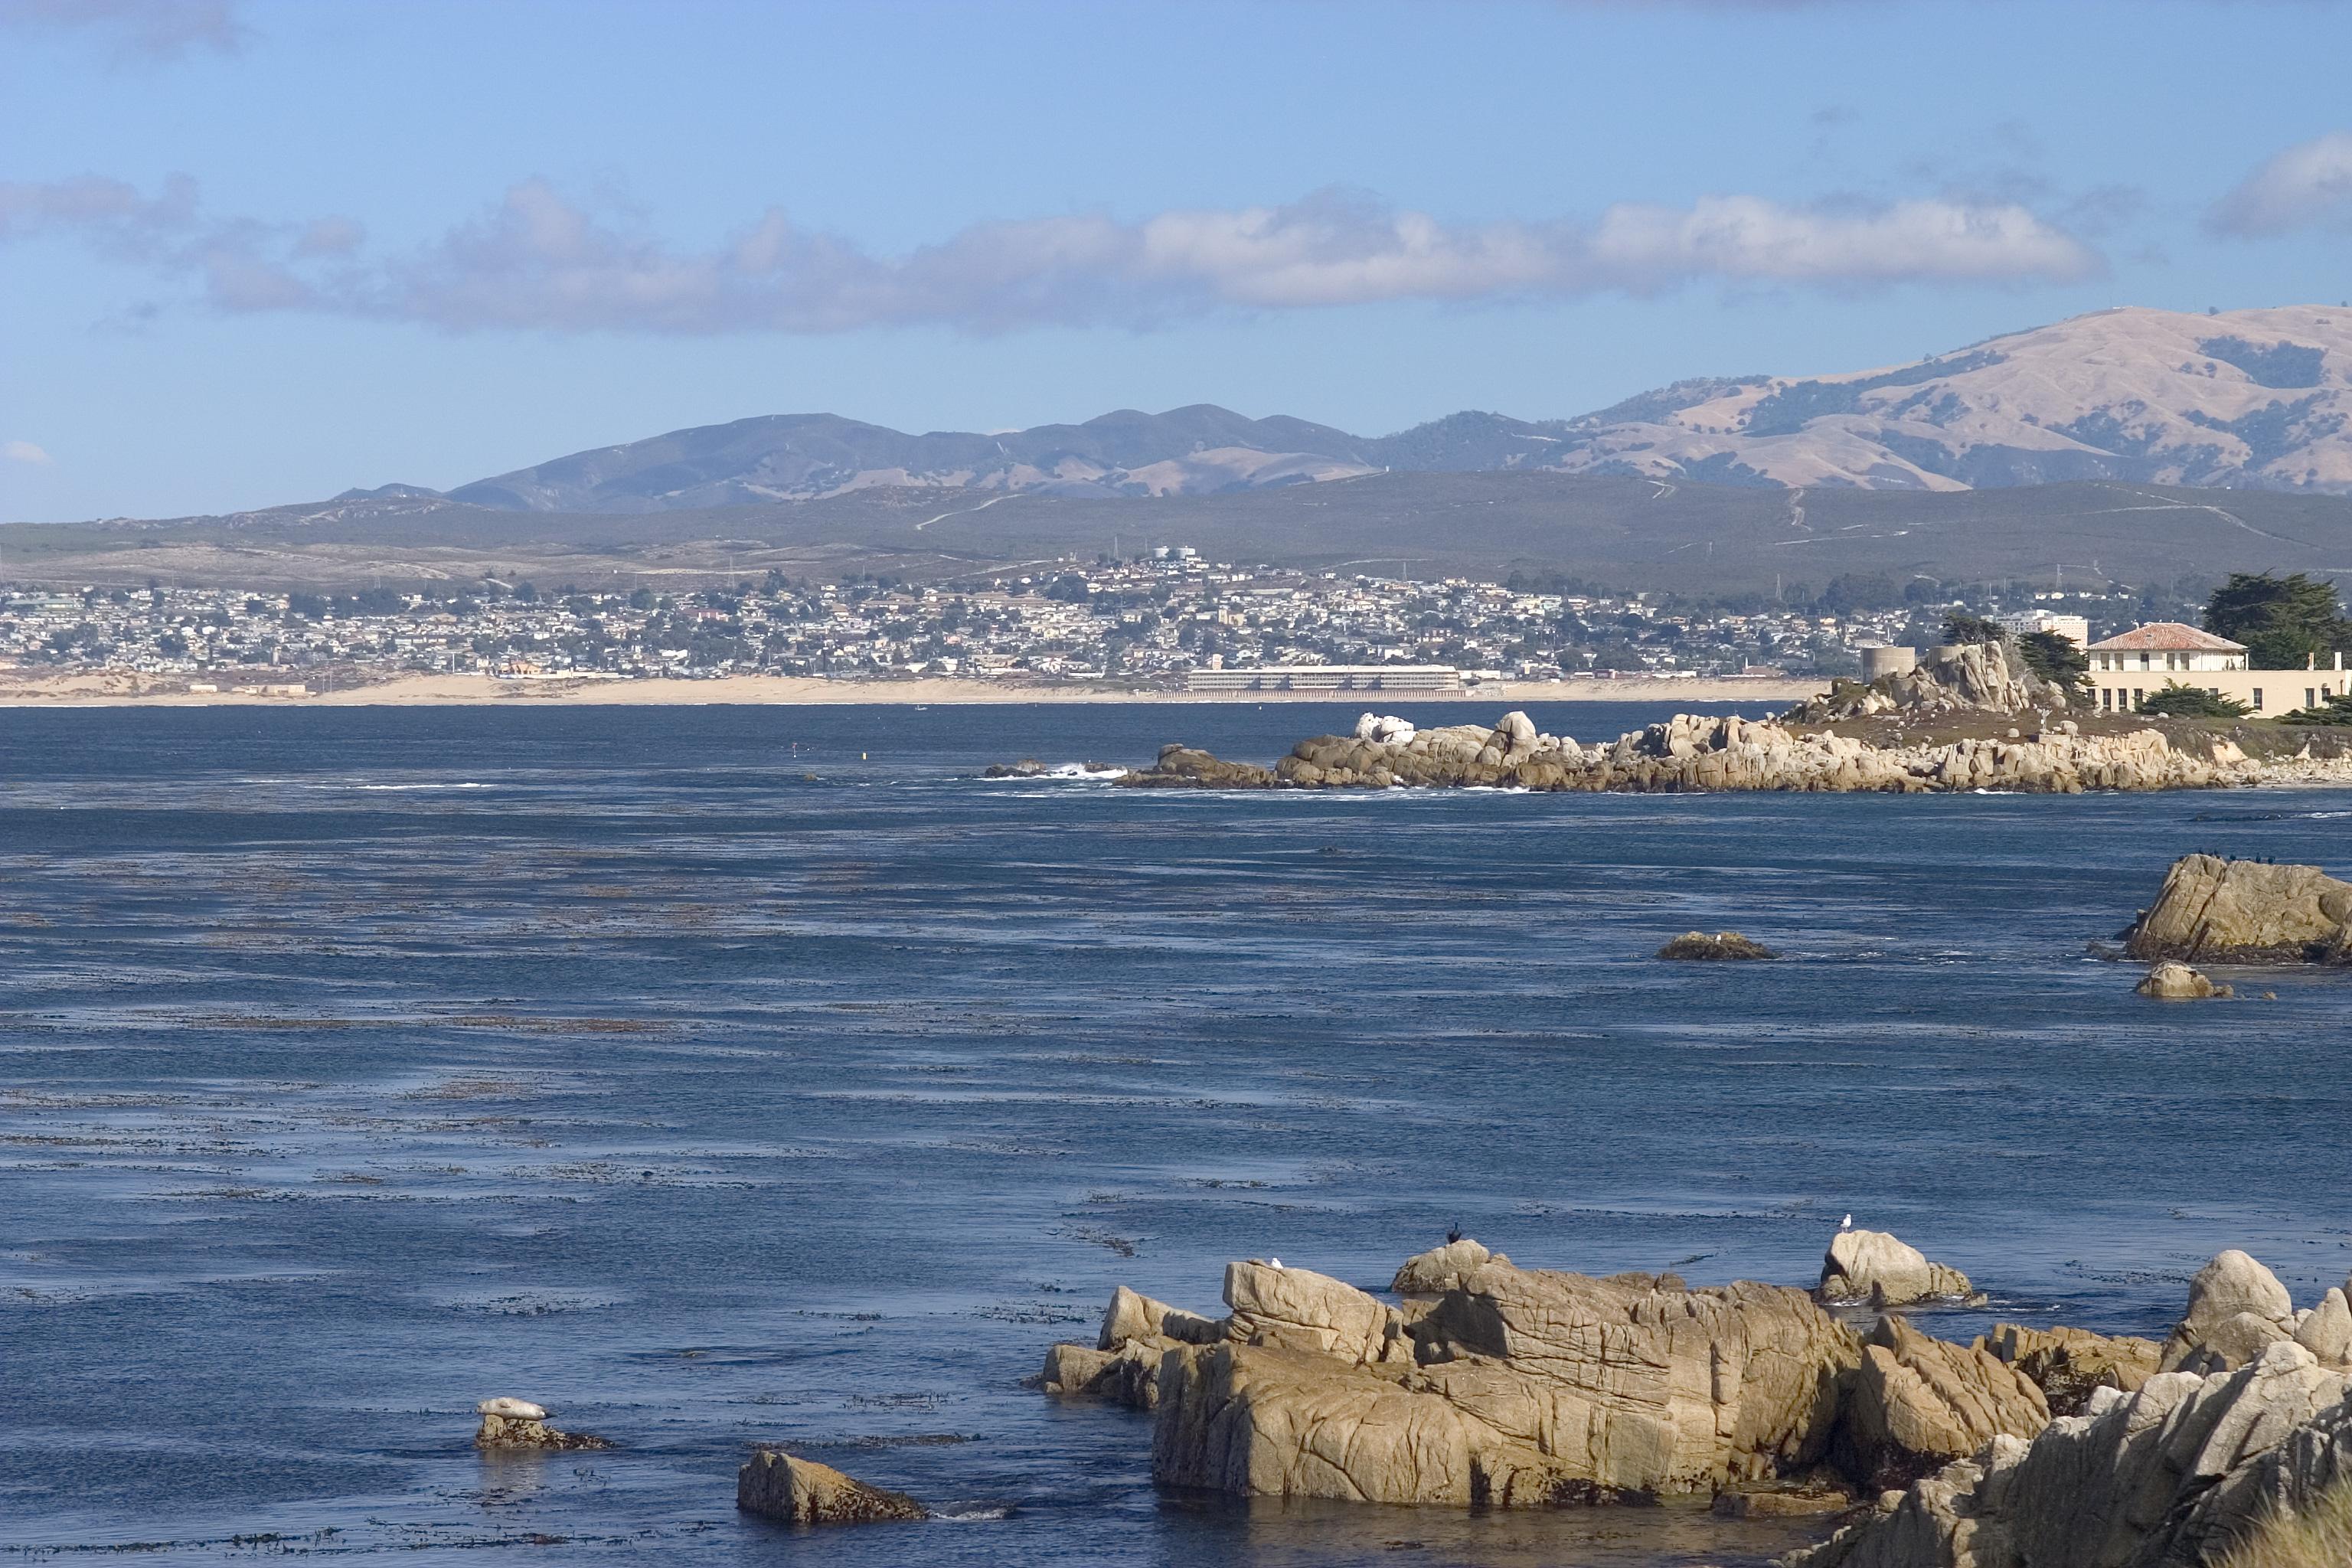 Monterey Bay Finishes